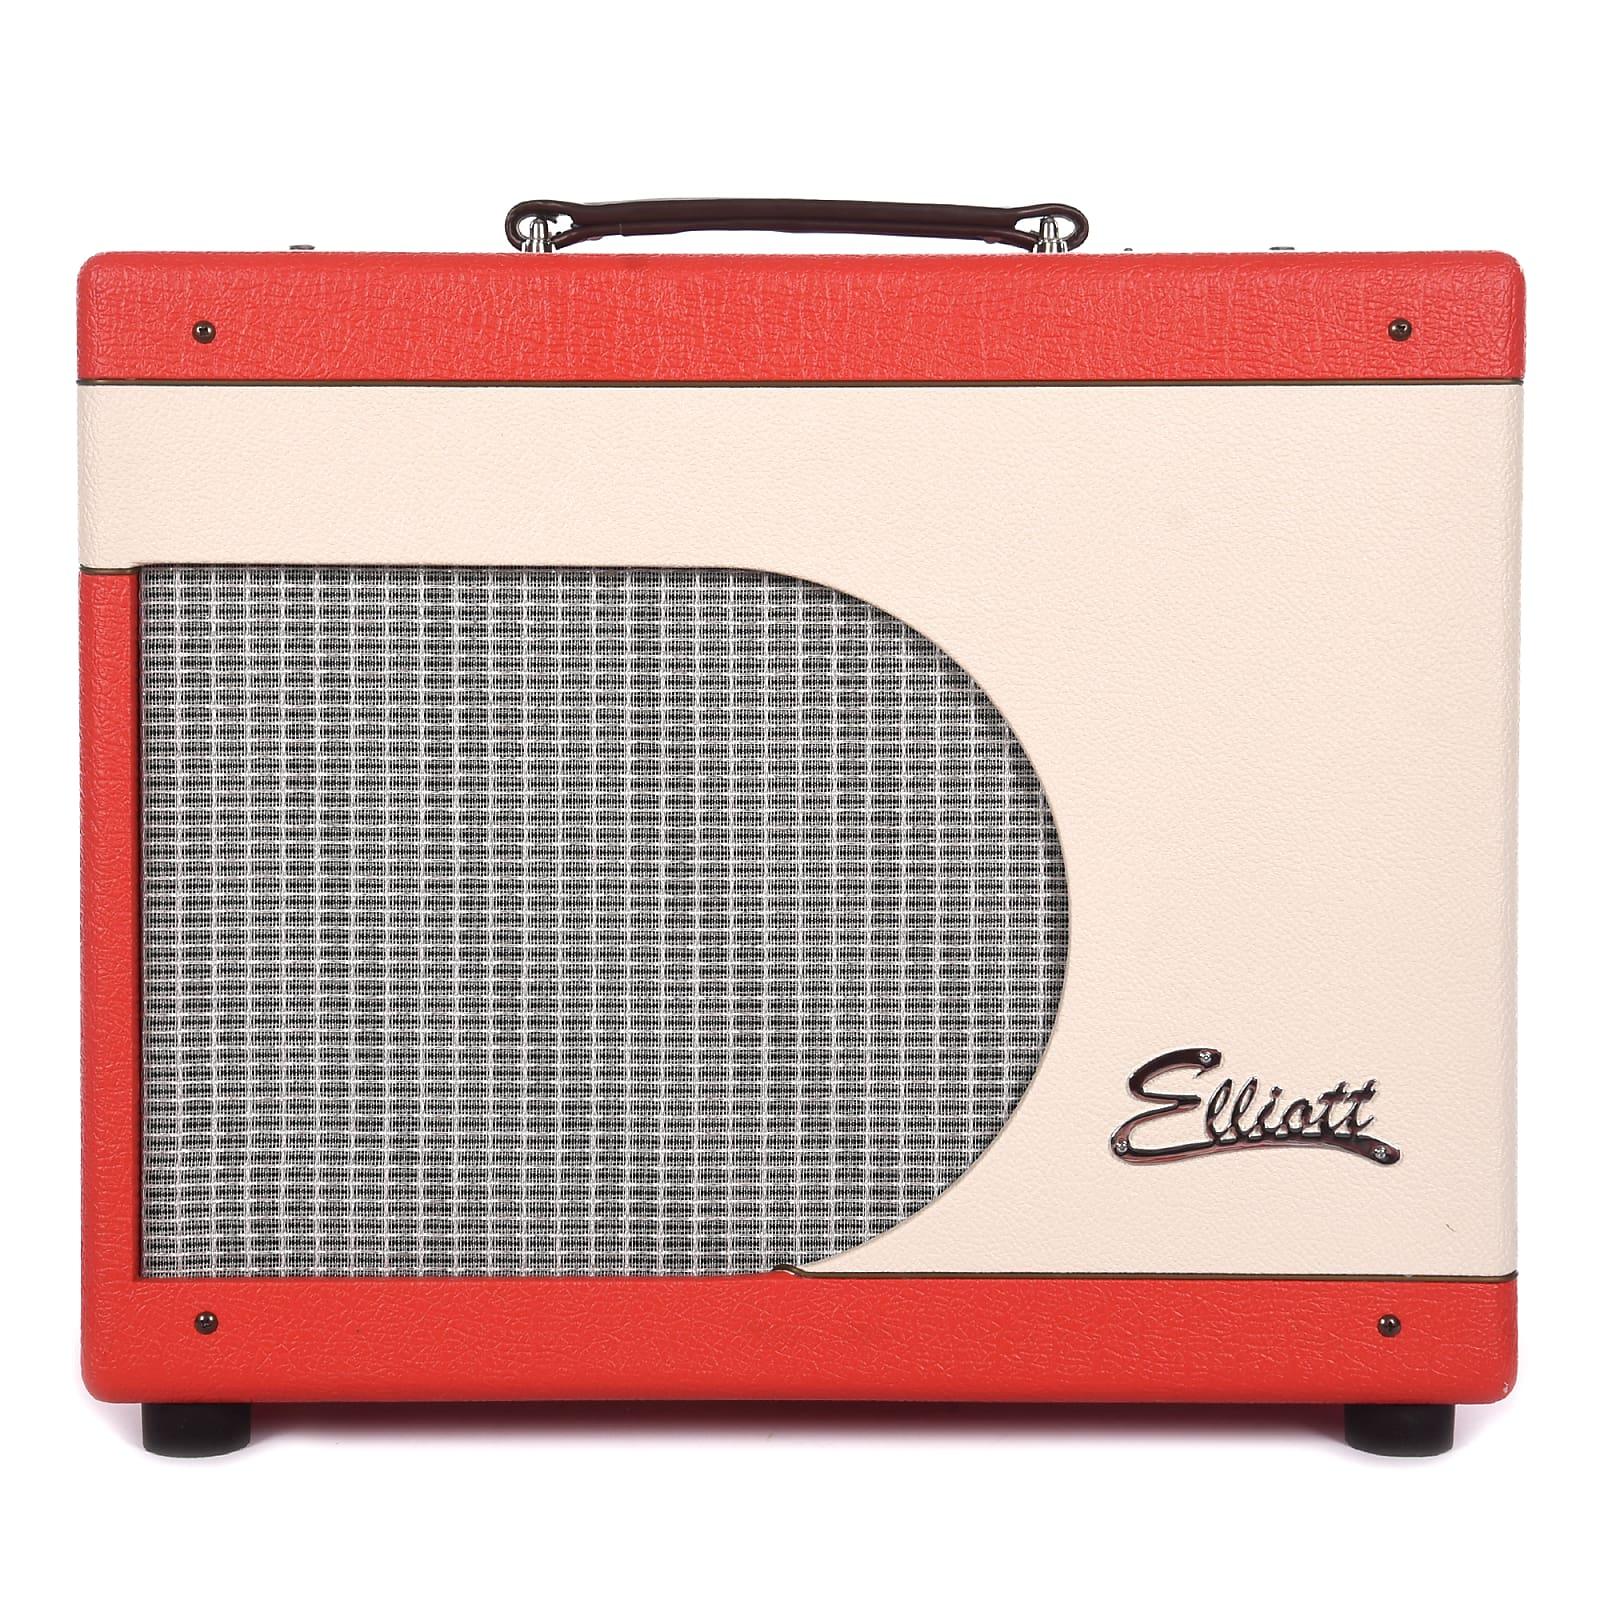 Elliott Veralux 1x12 Combo Amp Red/White 18W